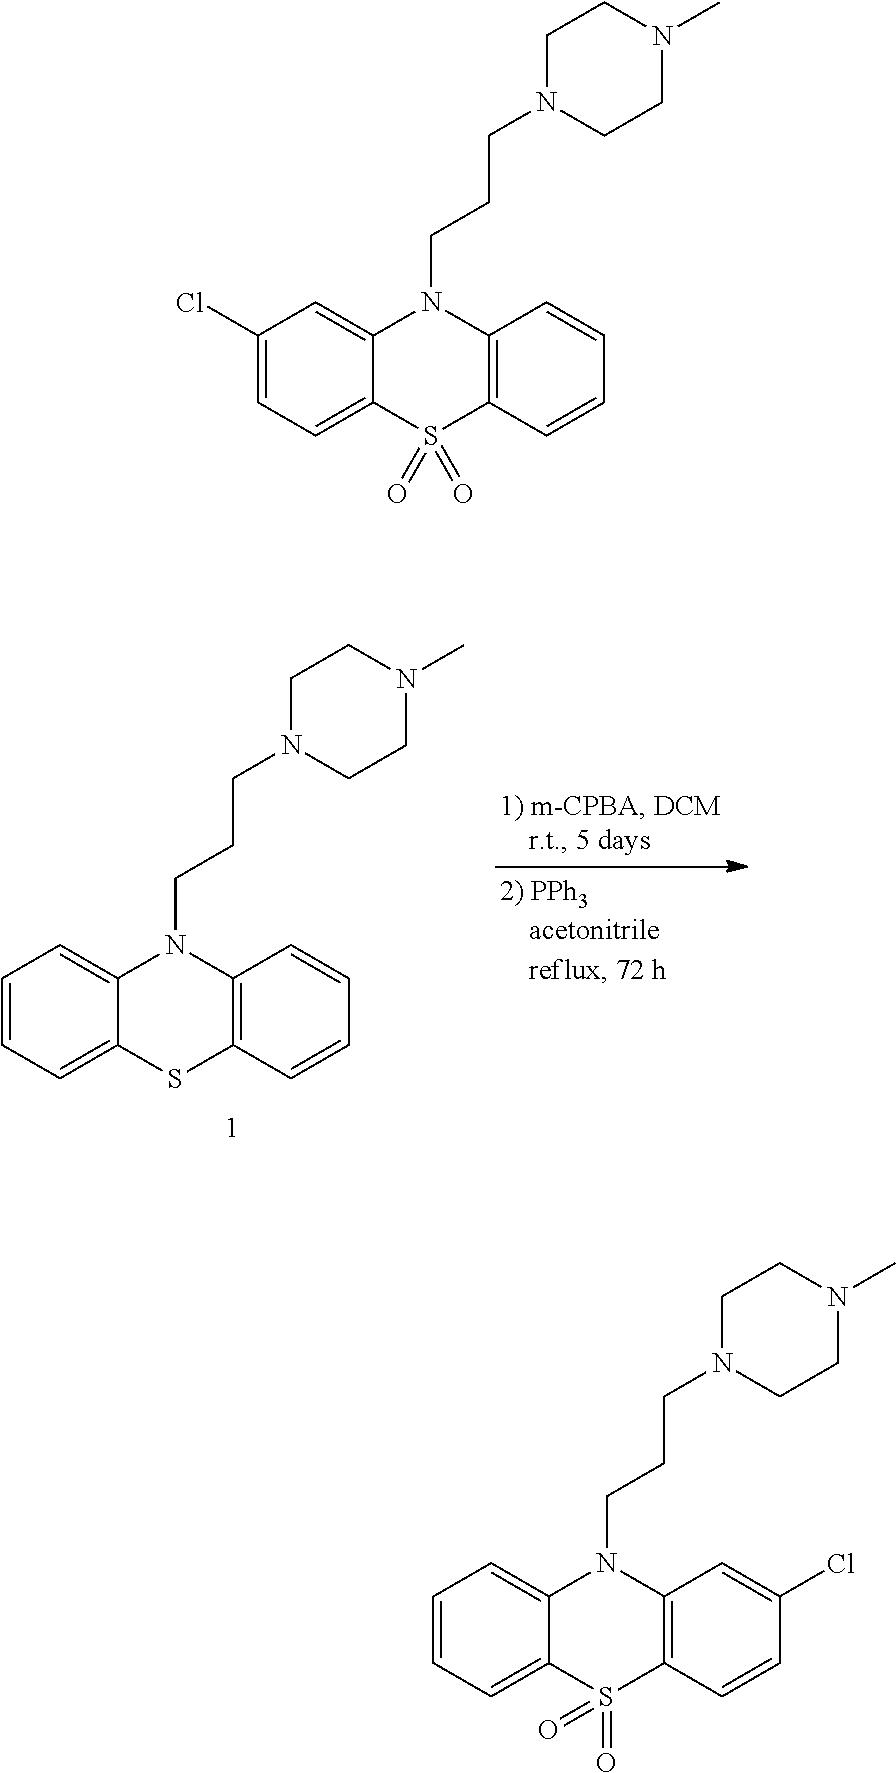 Figure US20190106394A1-20190411-C00117